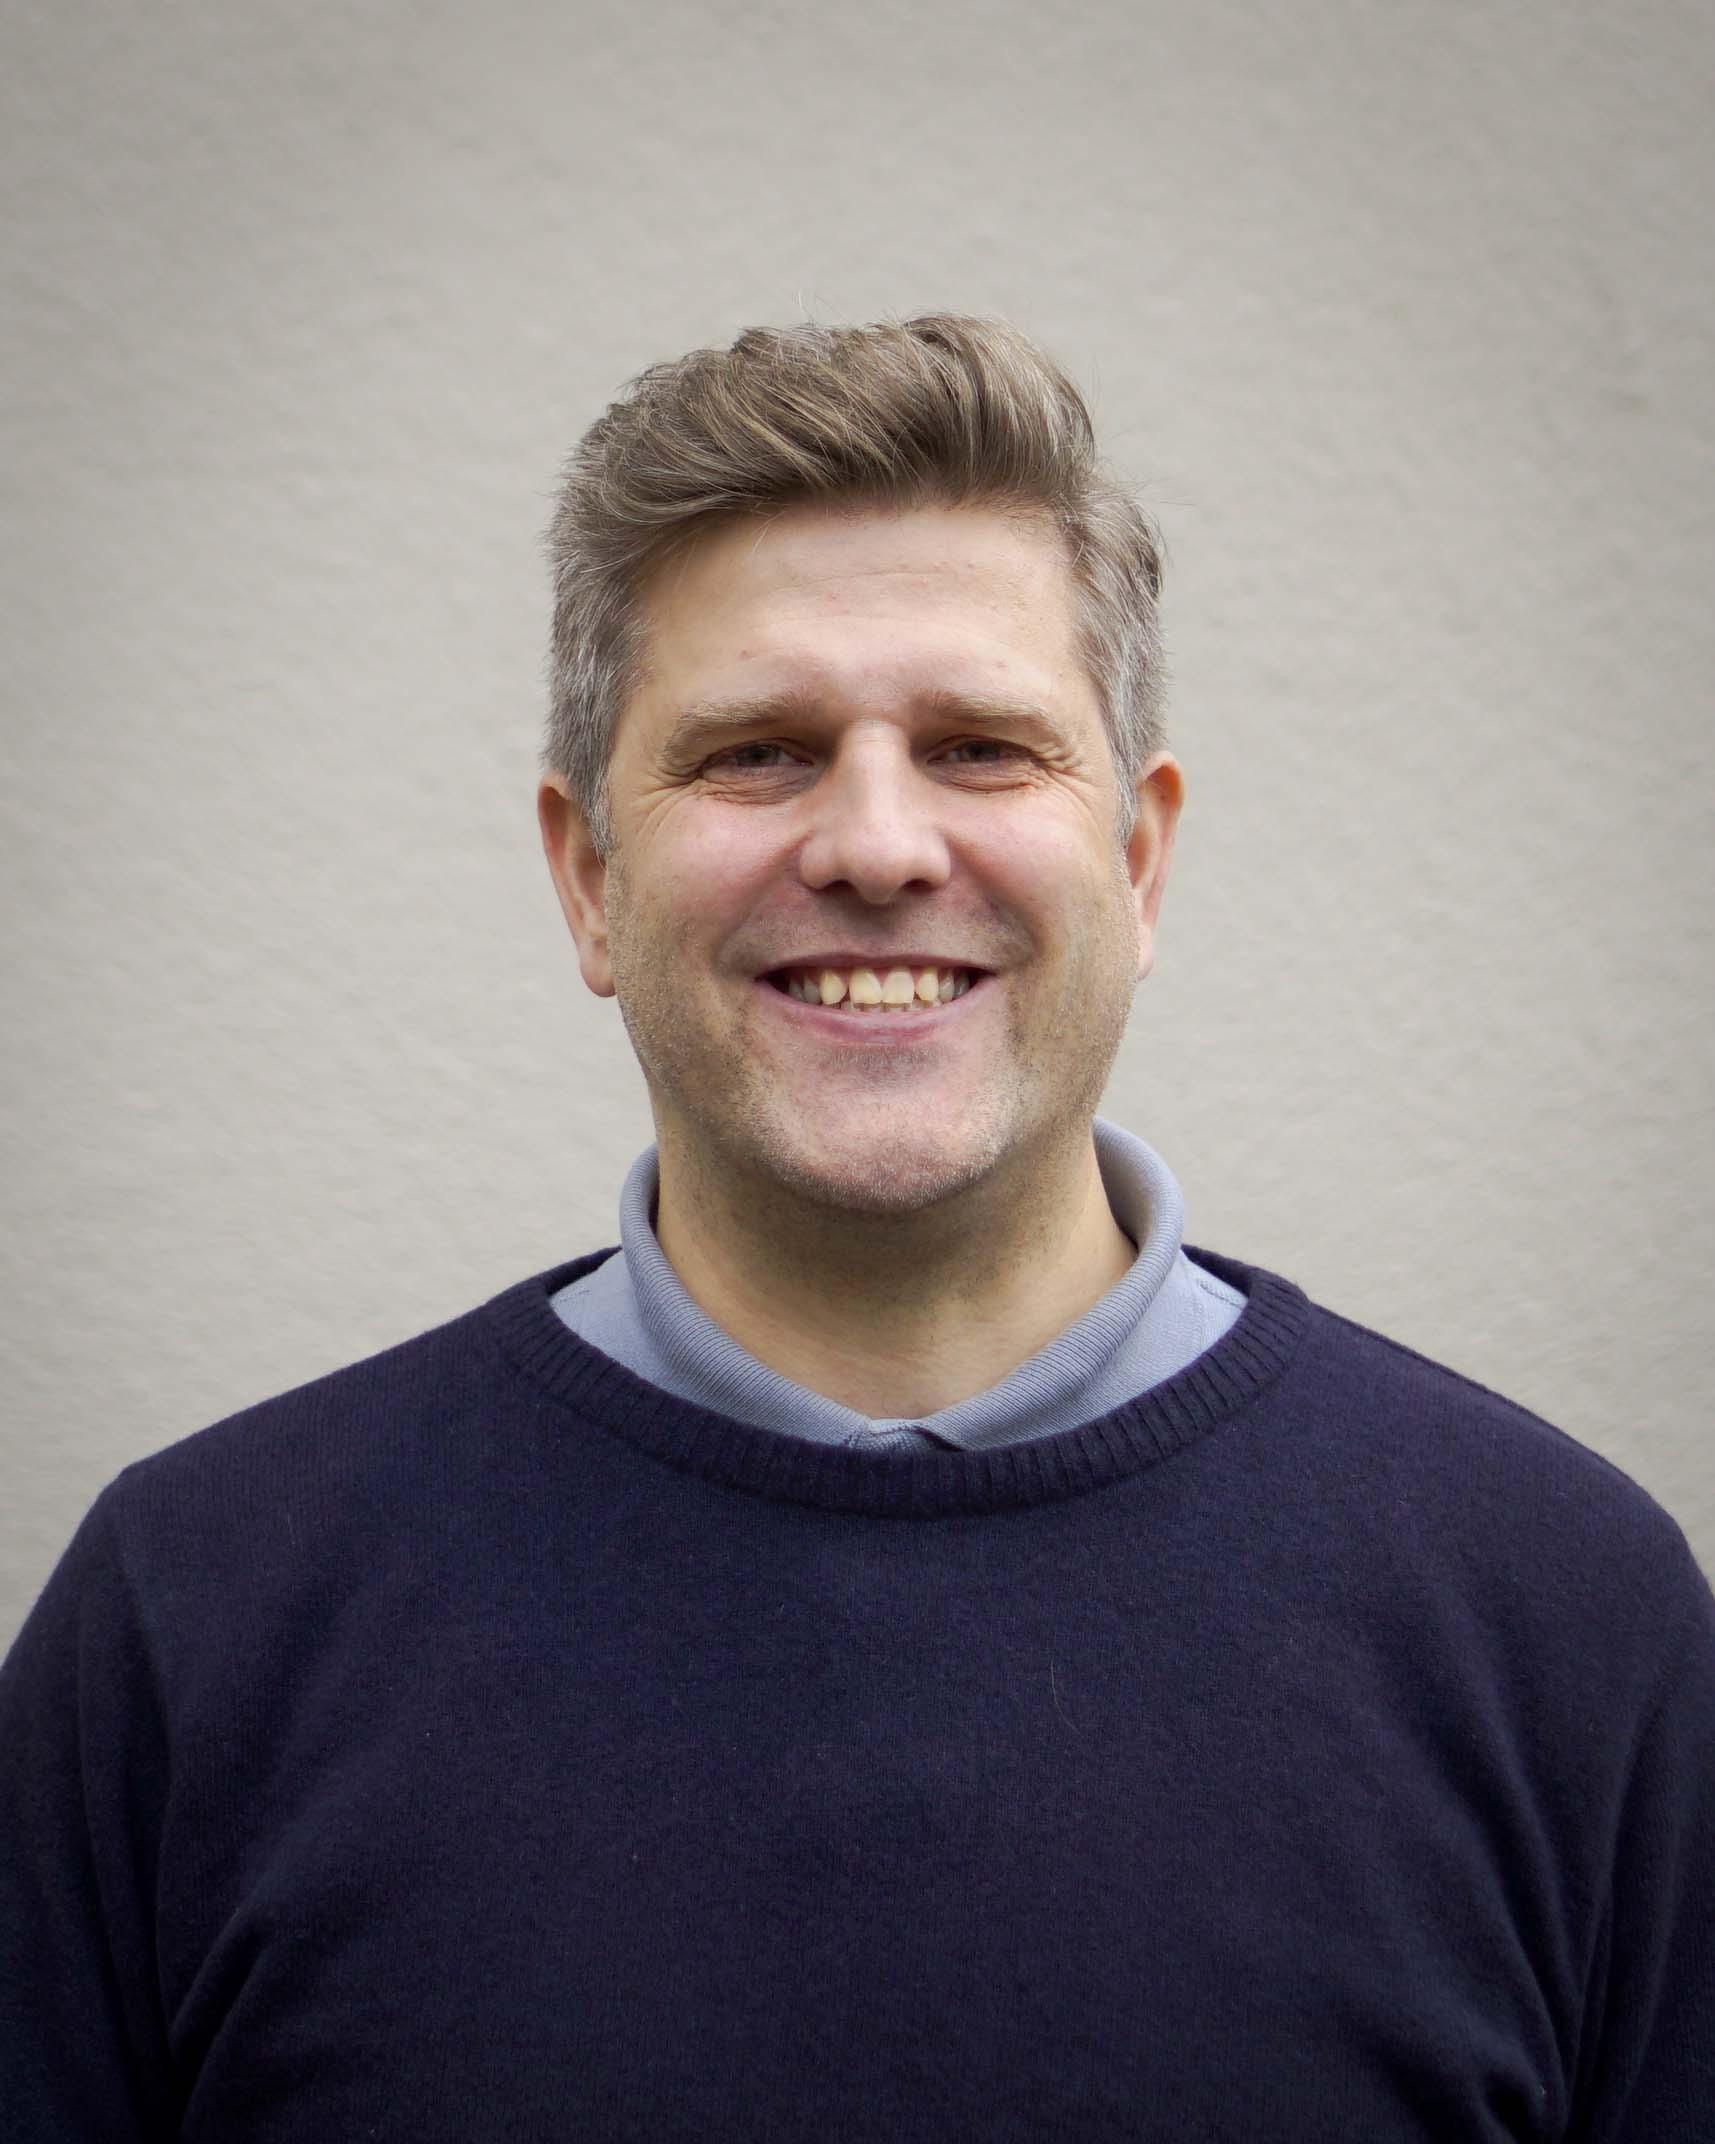 Daniel Sørensen